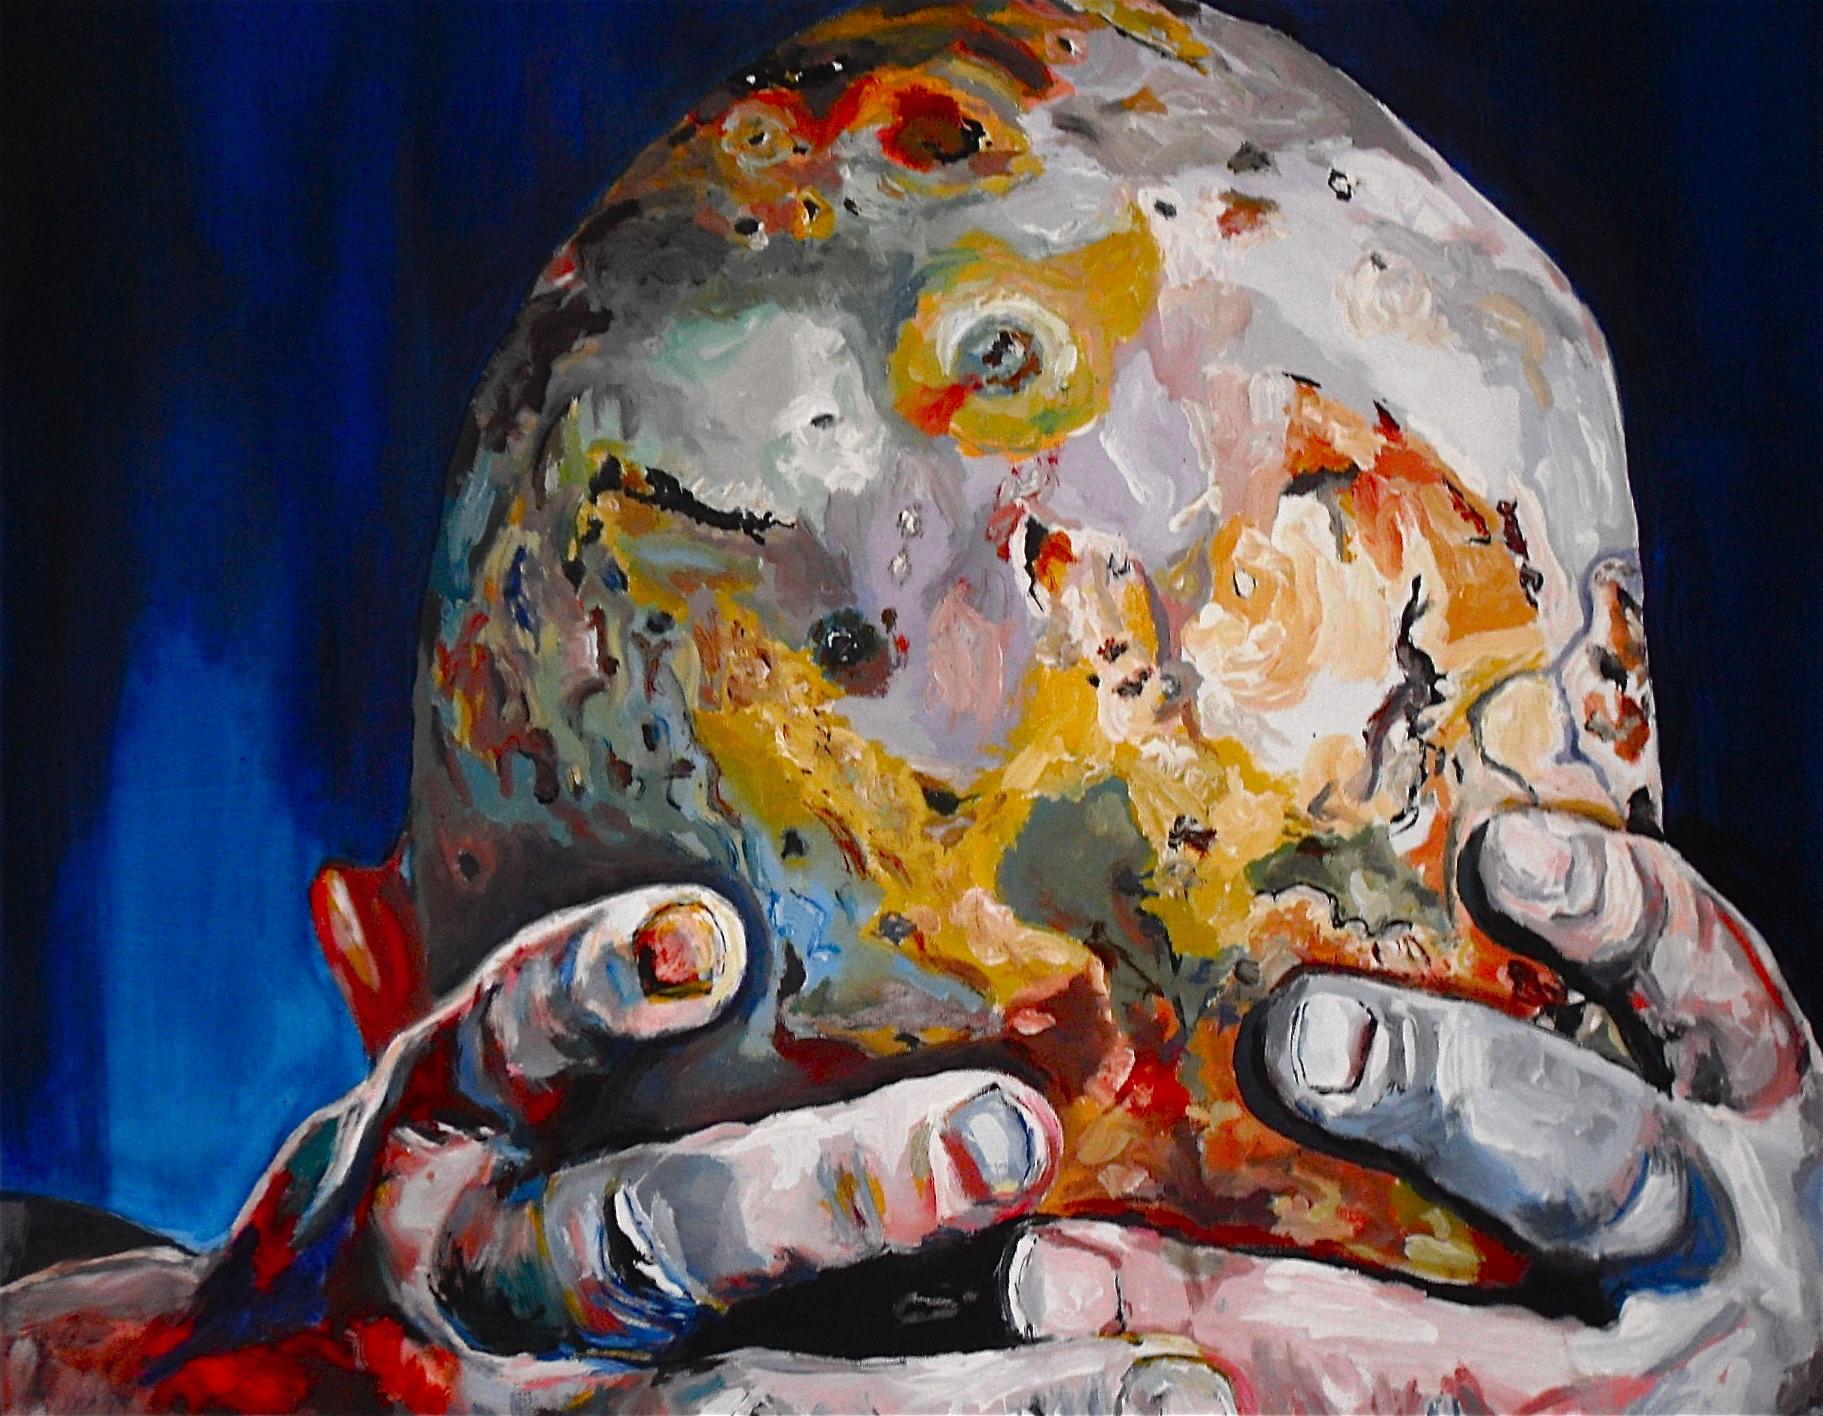 Planhead. Détail de La tête chauve comme une planète. Huile sur toile / Oil on canvas. 100 x 80 cm, par Stanmac 2016